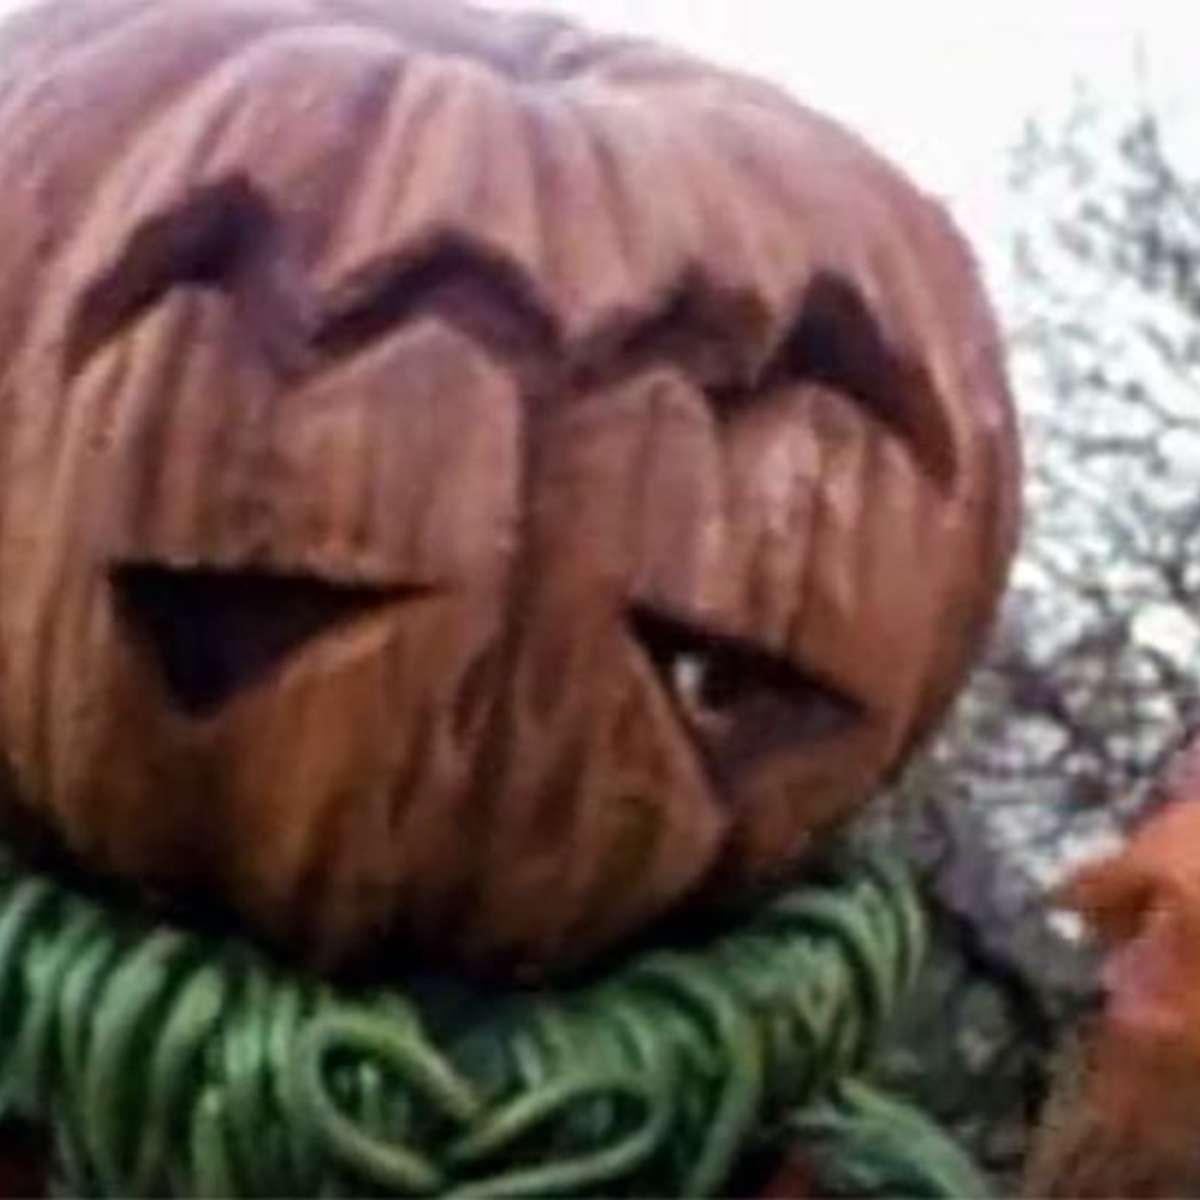 pumpkin_rapper_01.jpg